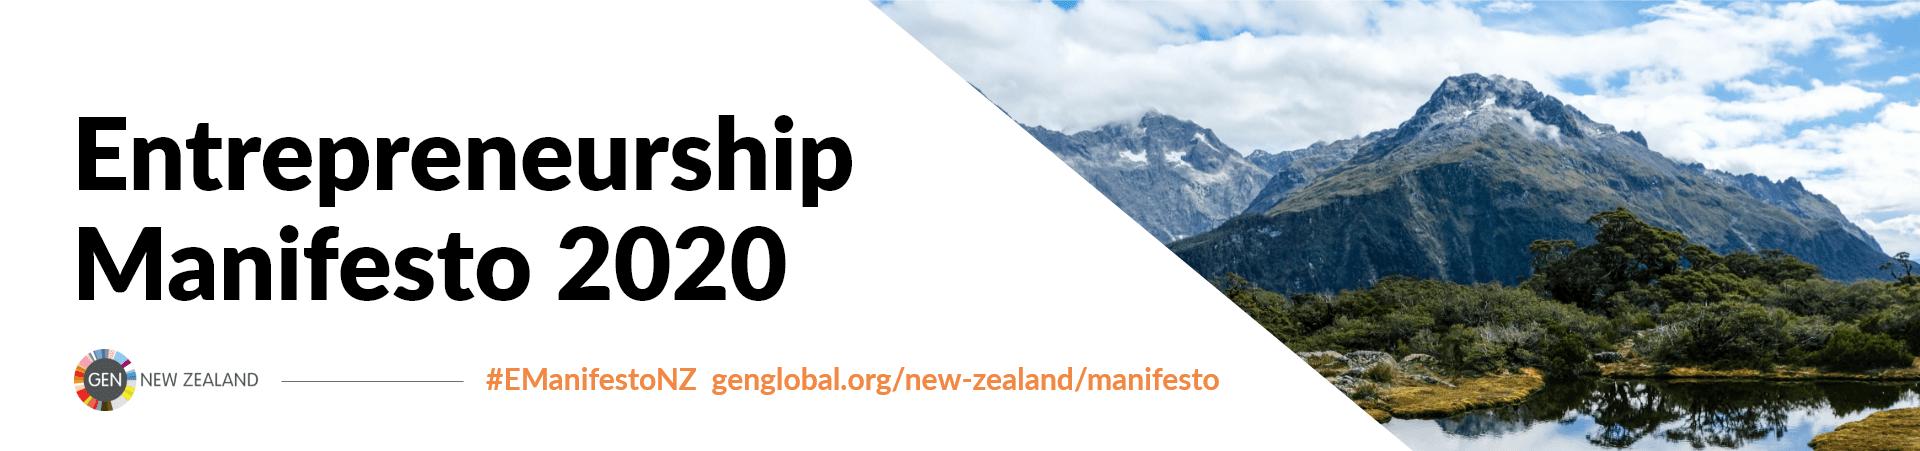 NZ Entrepreneurship Manifesto